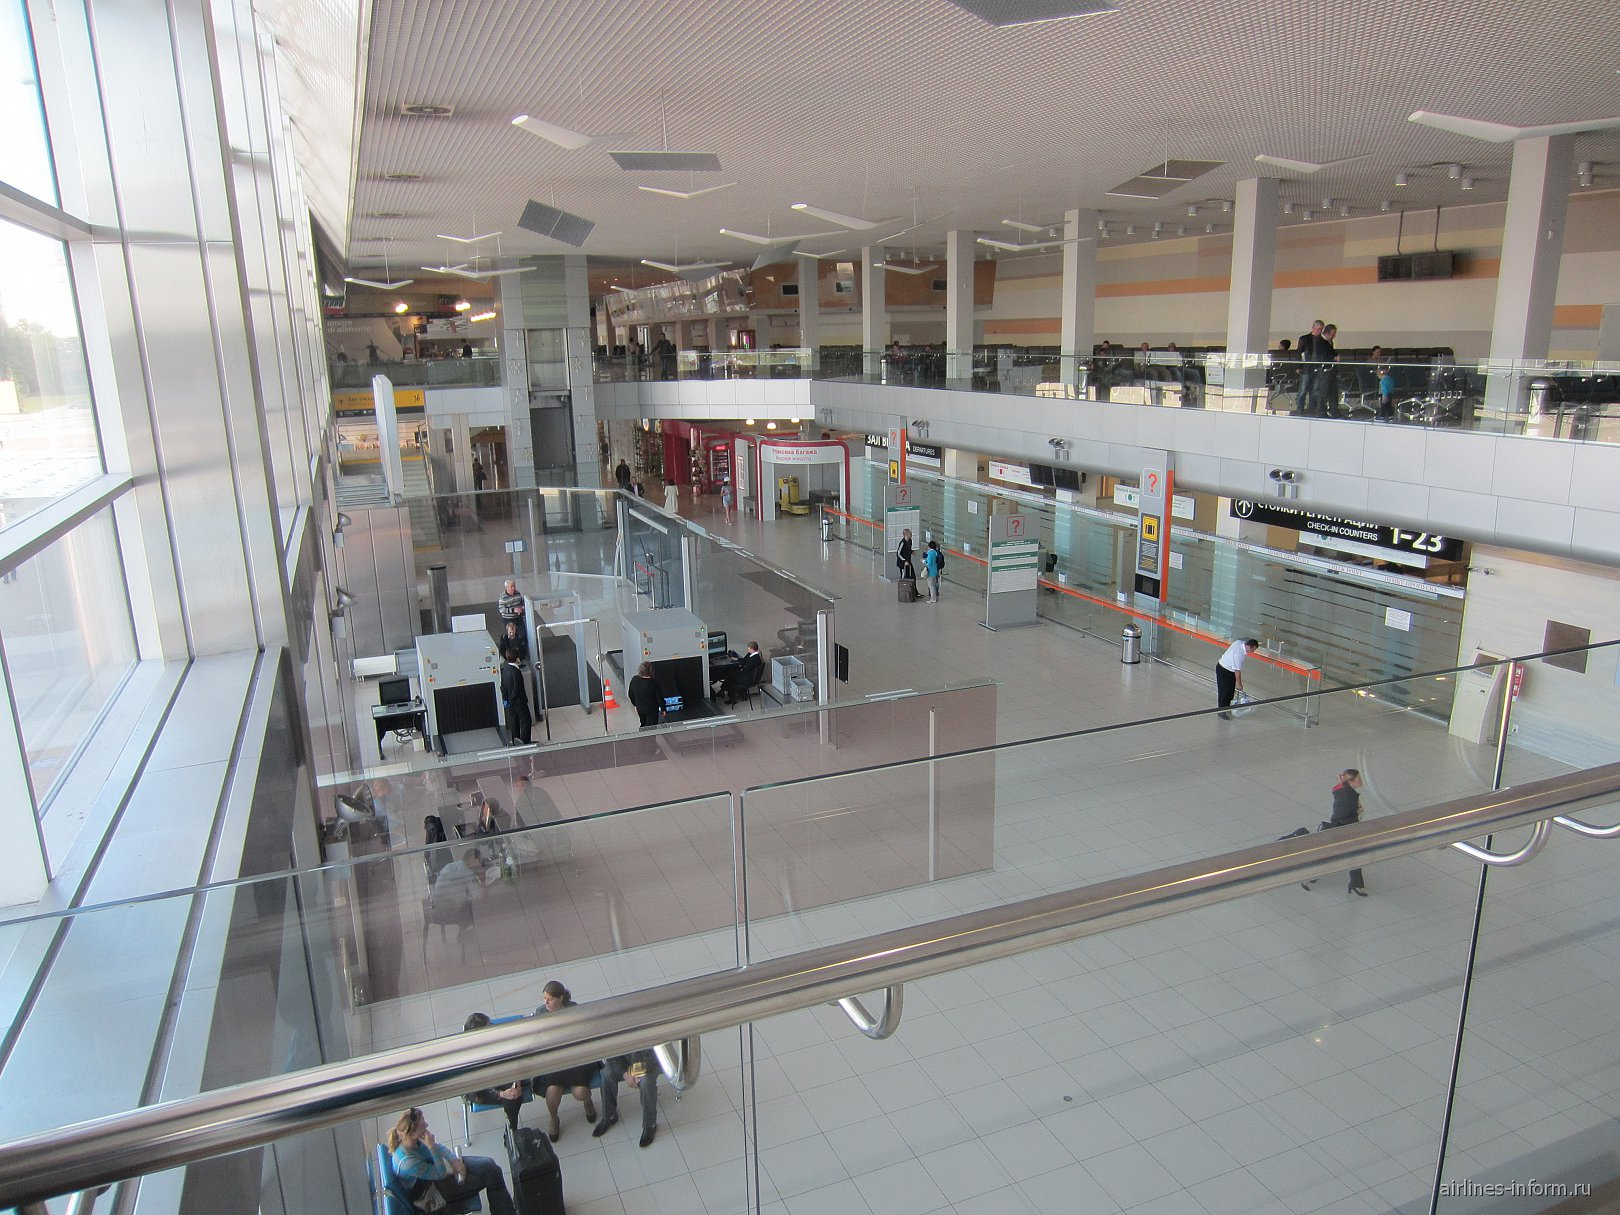 В международном терминале аэропорта Екатеринбург Кольцово